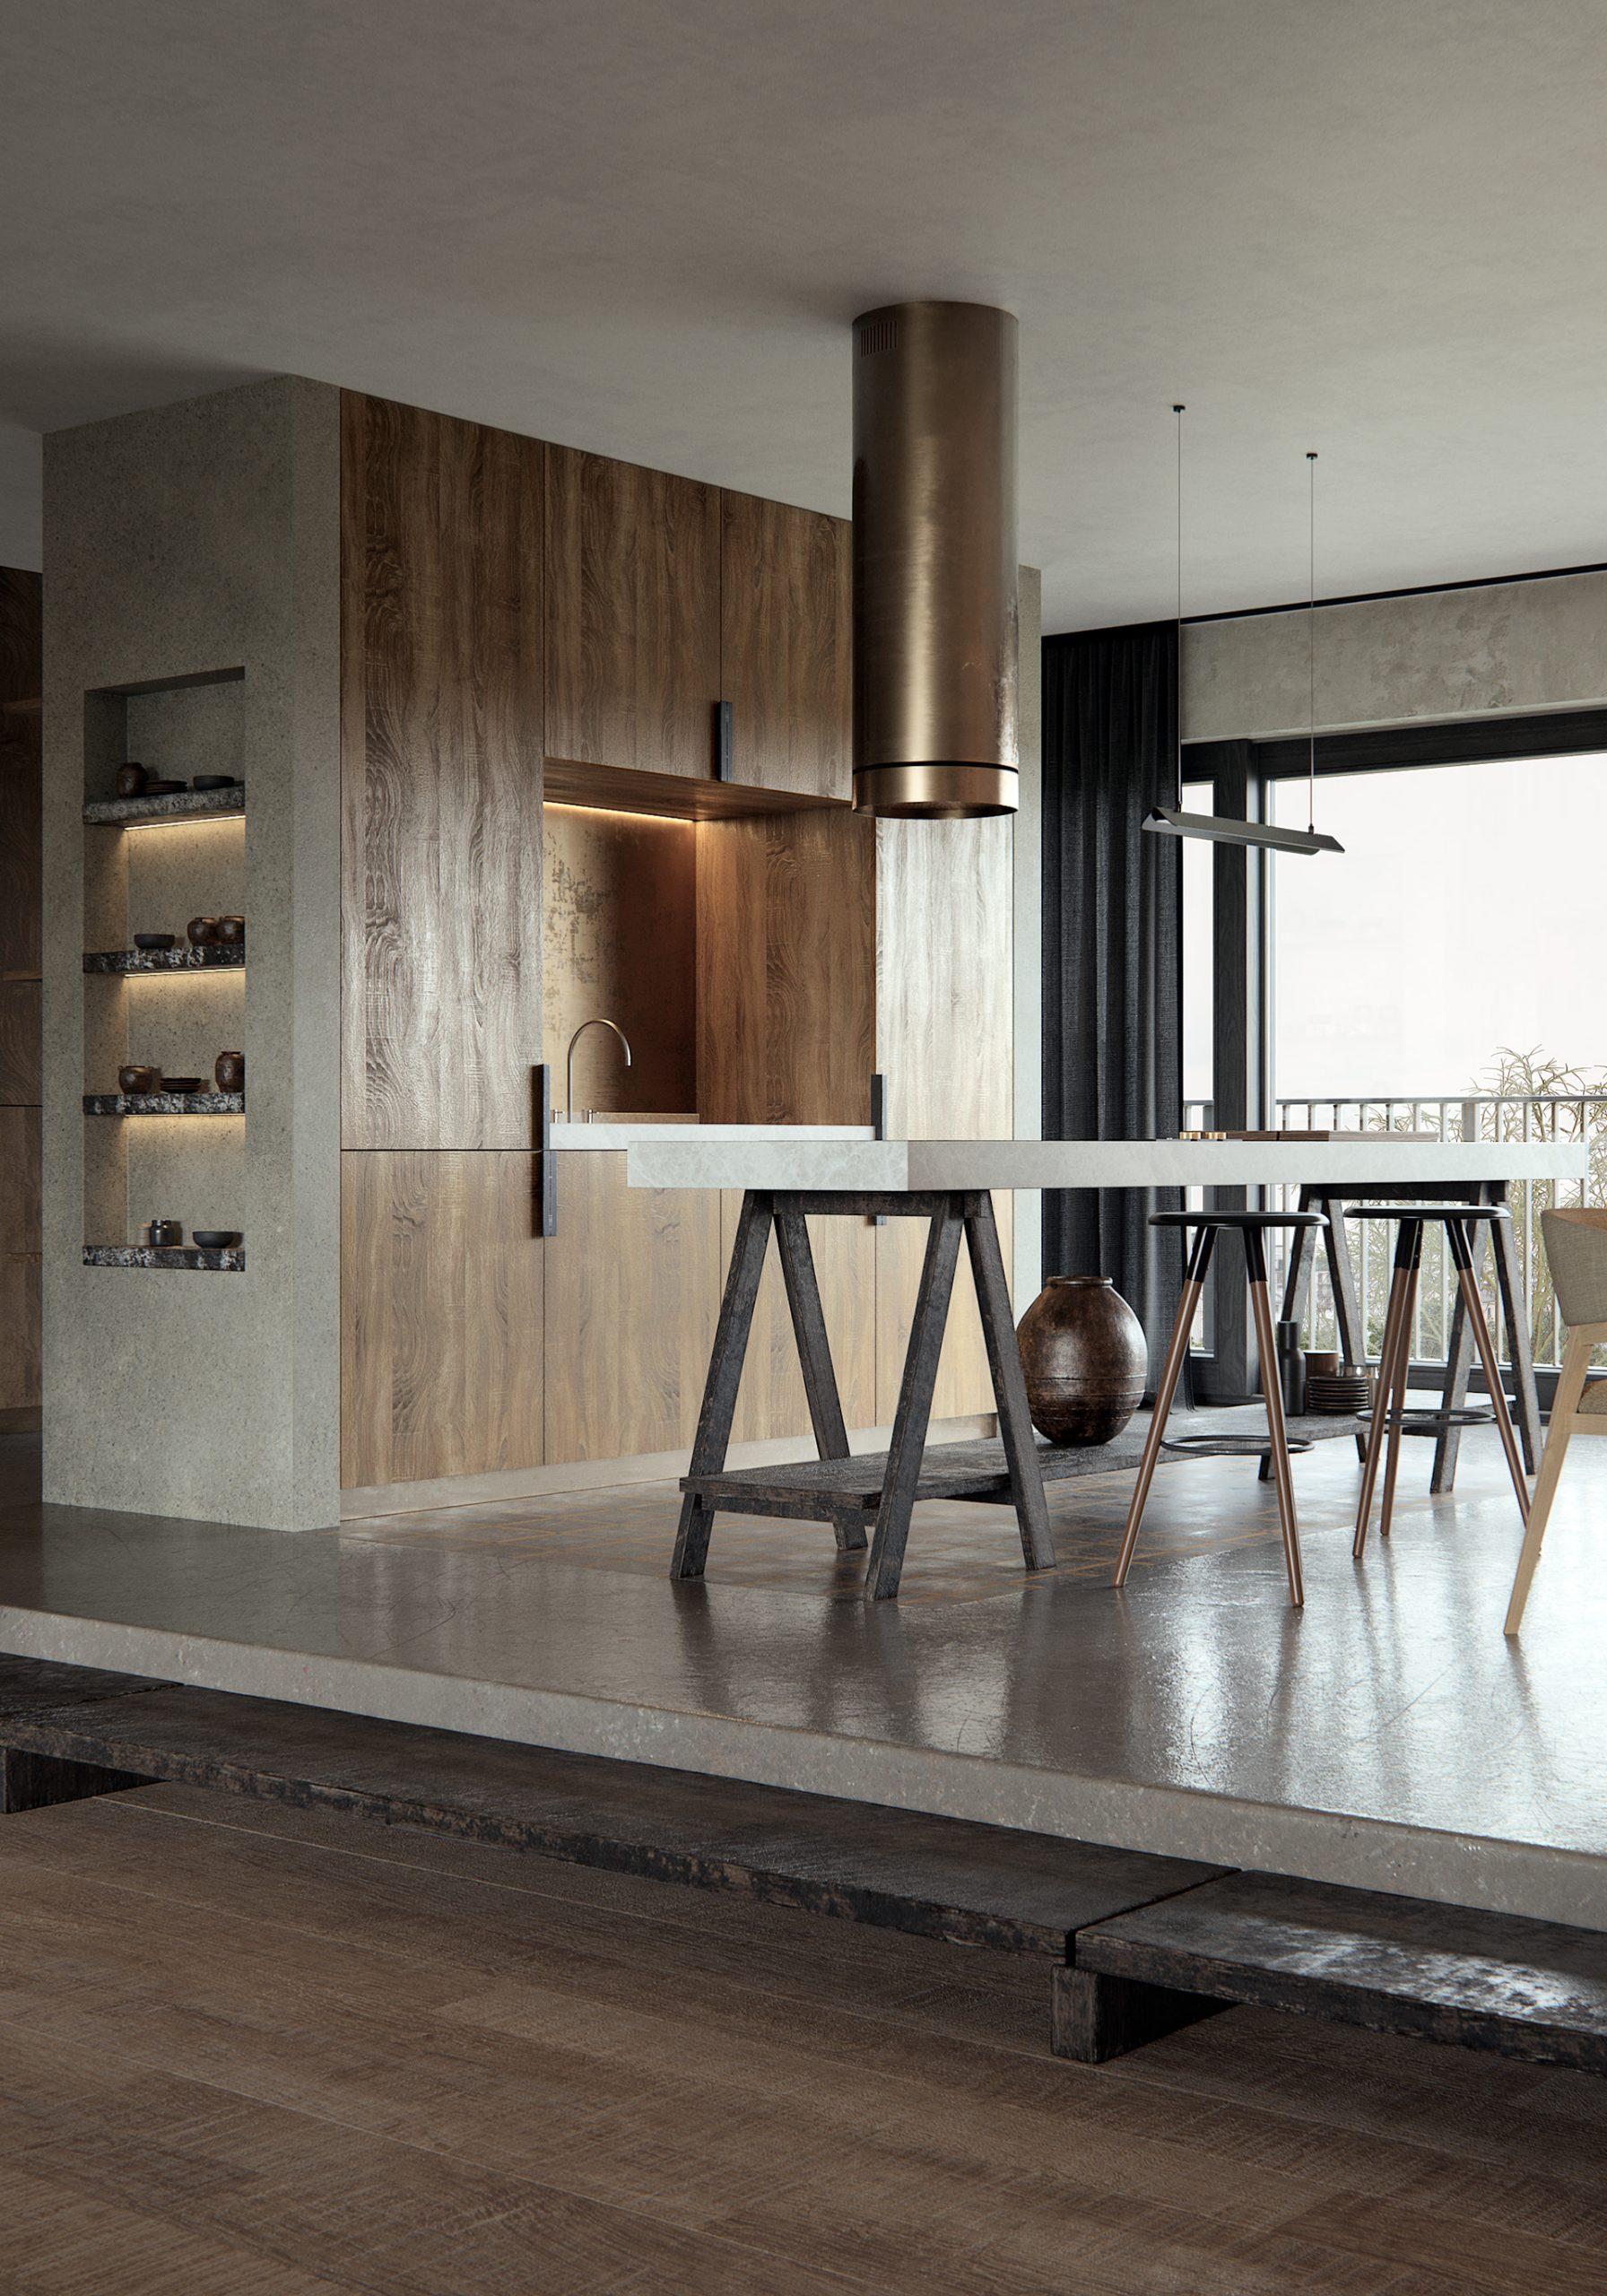 9. High Table Decor Ideas